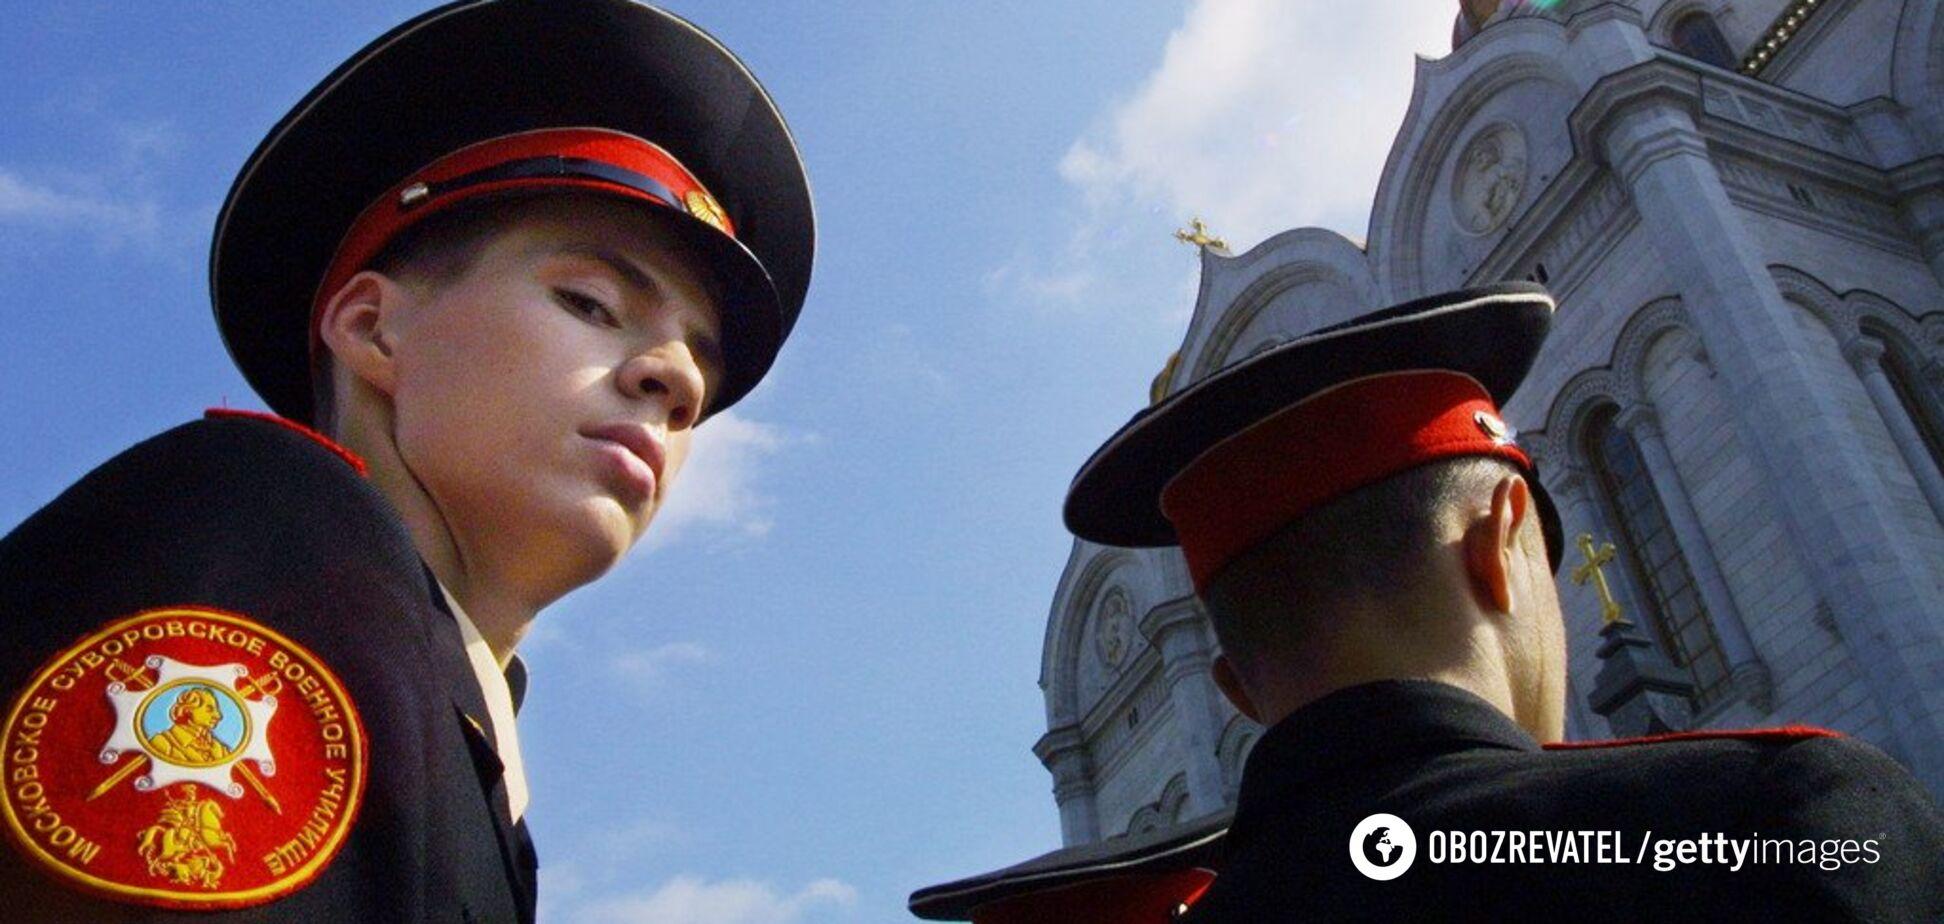 'Чекає трепанація черепа!' У скандалі з суворовськими курсантами в Росії трапився новий поворот